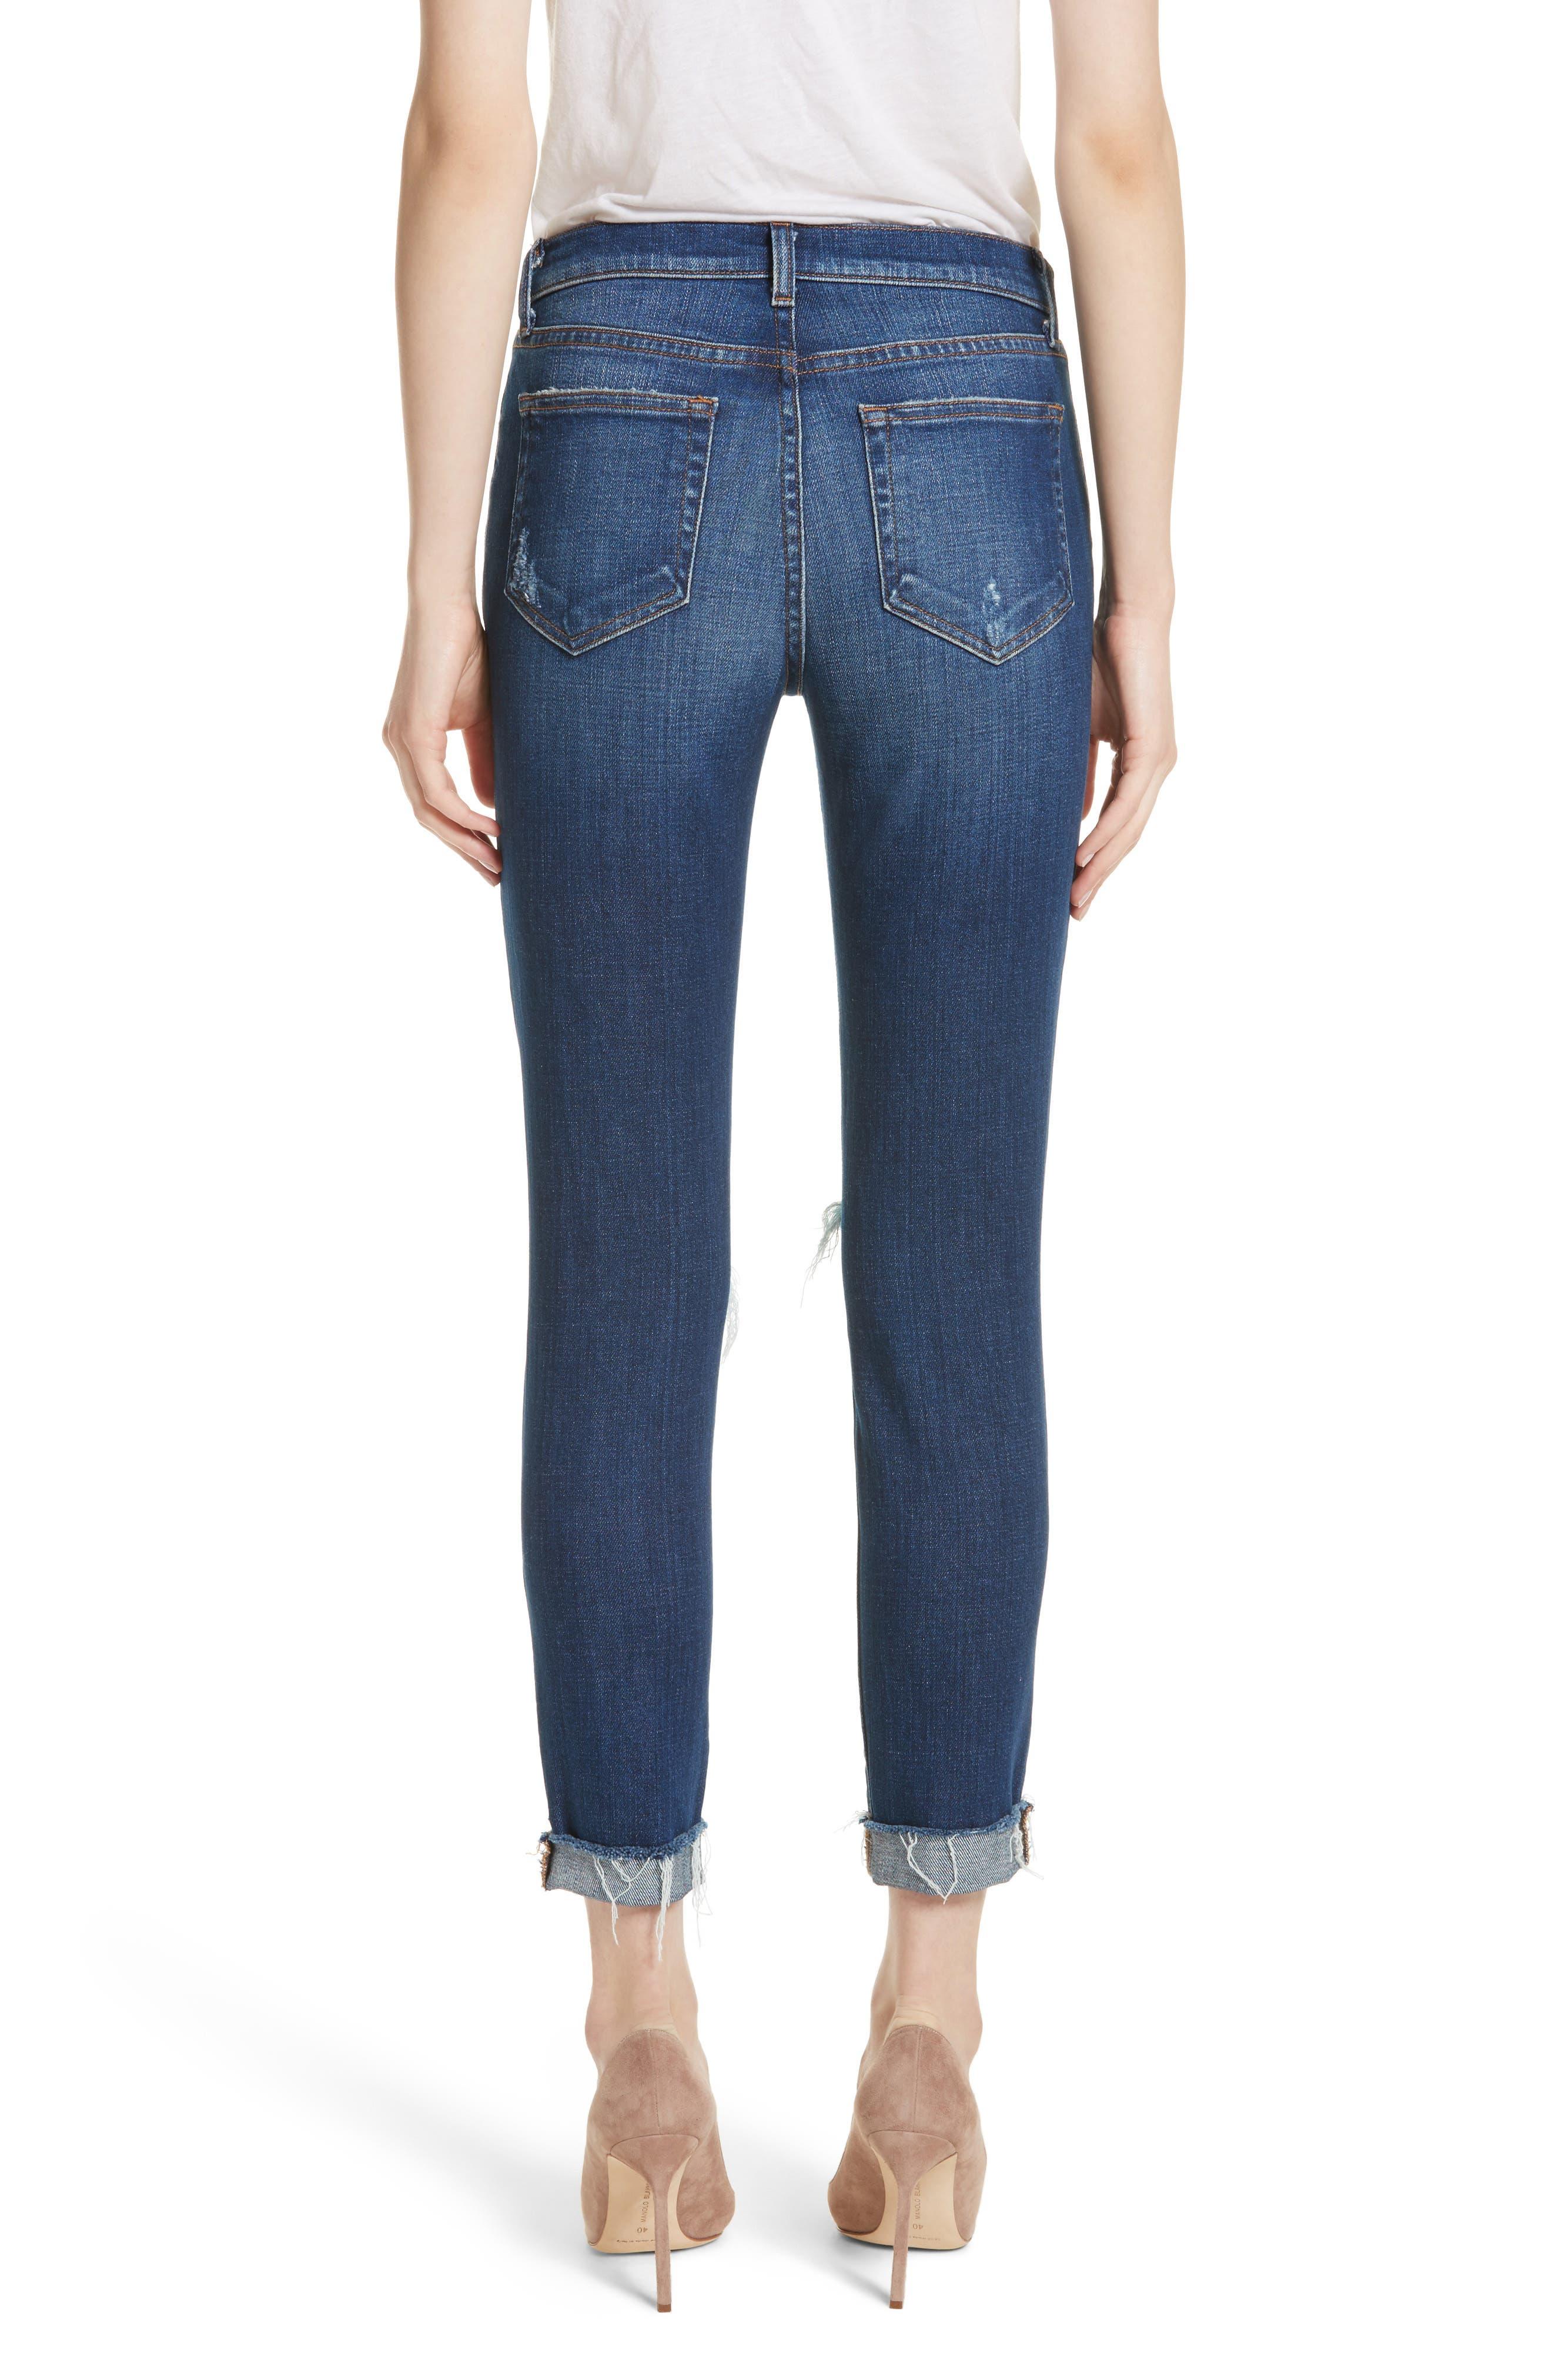 Rachel Ripped Crop Slim Fit Jeans,                             Alternate thumbnail 2, color,                             DIAMOND DESTRUCT